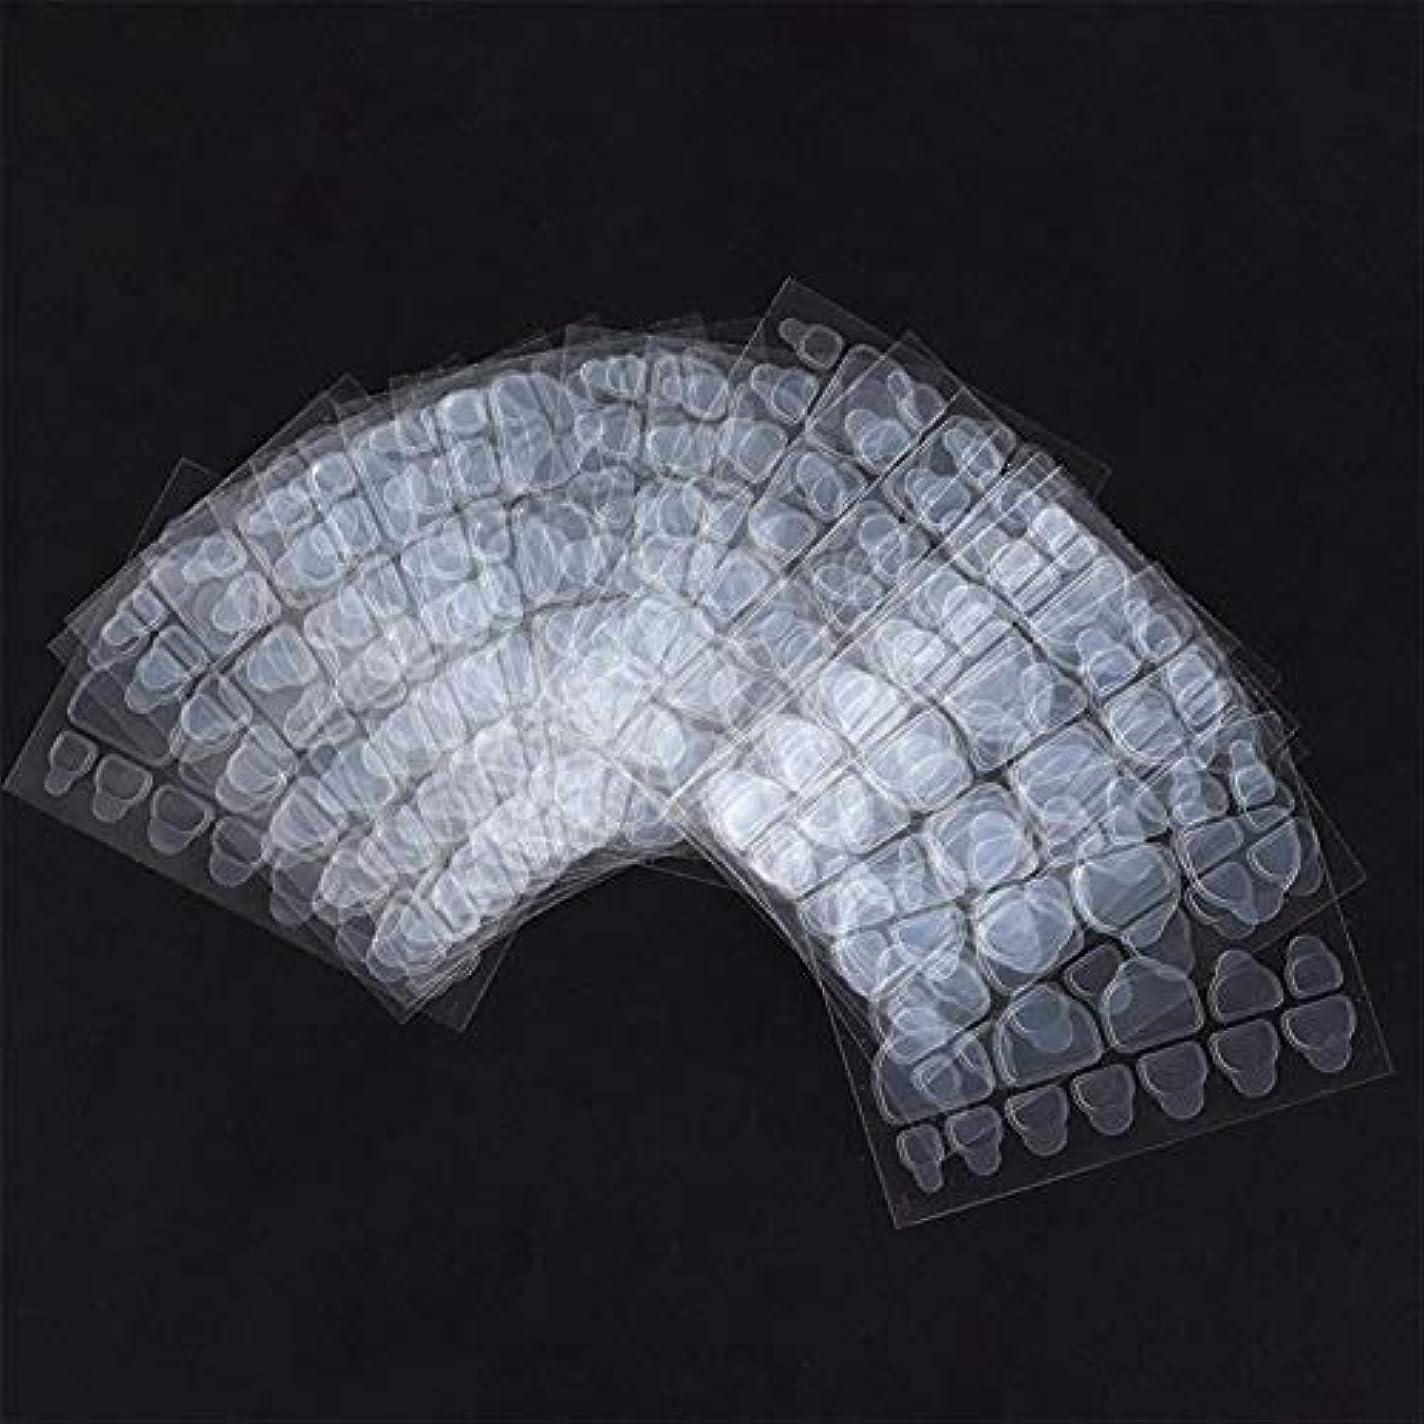 経歴自動車アルプスサリーの店 多目的24 pcs/シートテープ偽釘ステッカー接着剤(None 10 pieces of nail jelly paste)